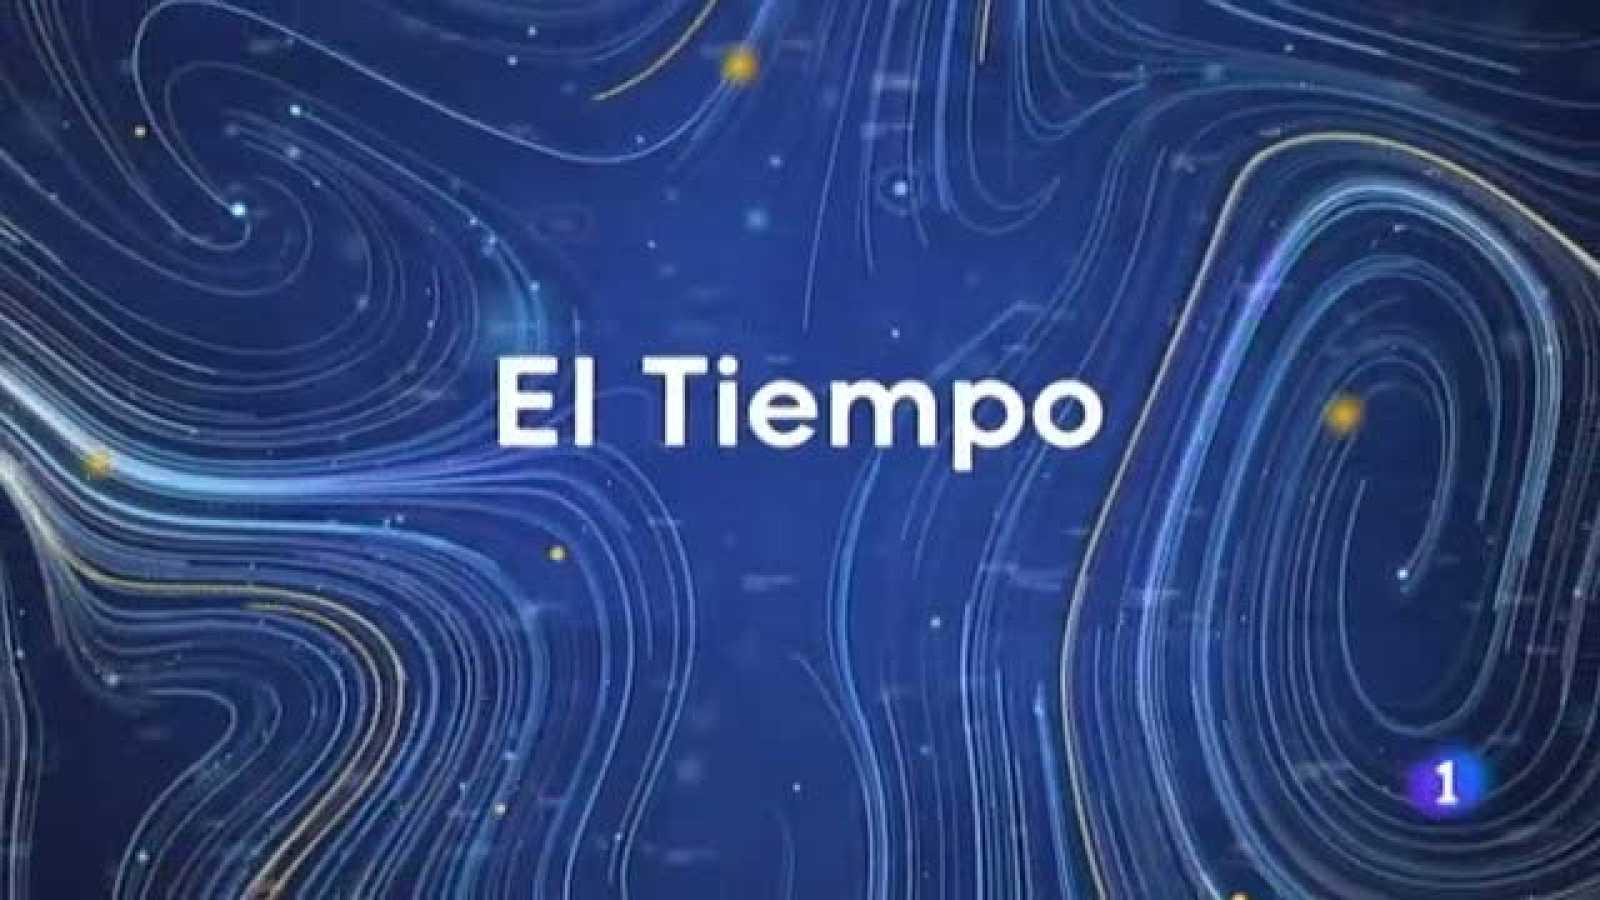 El tiempo en Navarra - 30/4/2021